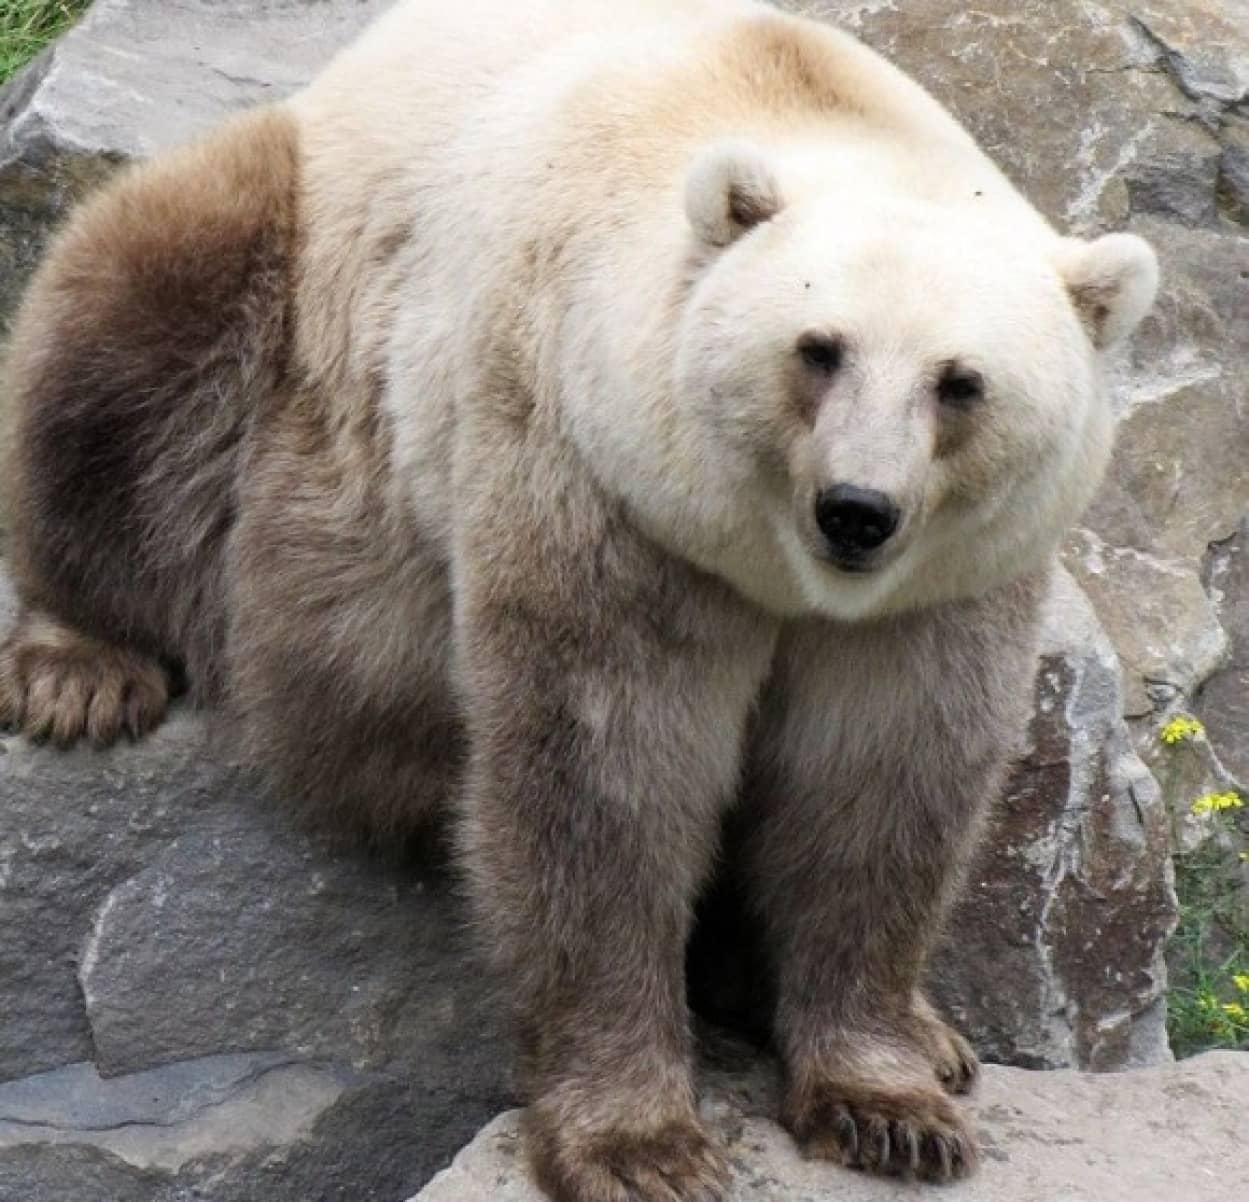 ホッキョクグマとハイイログマのハイブリッド種、ピズリーが増殖中